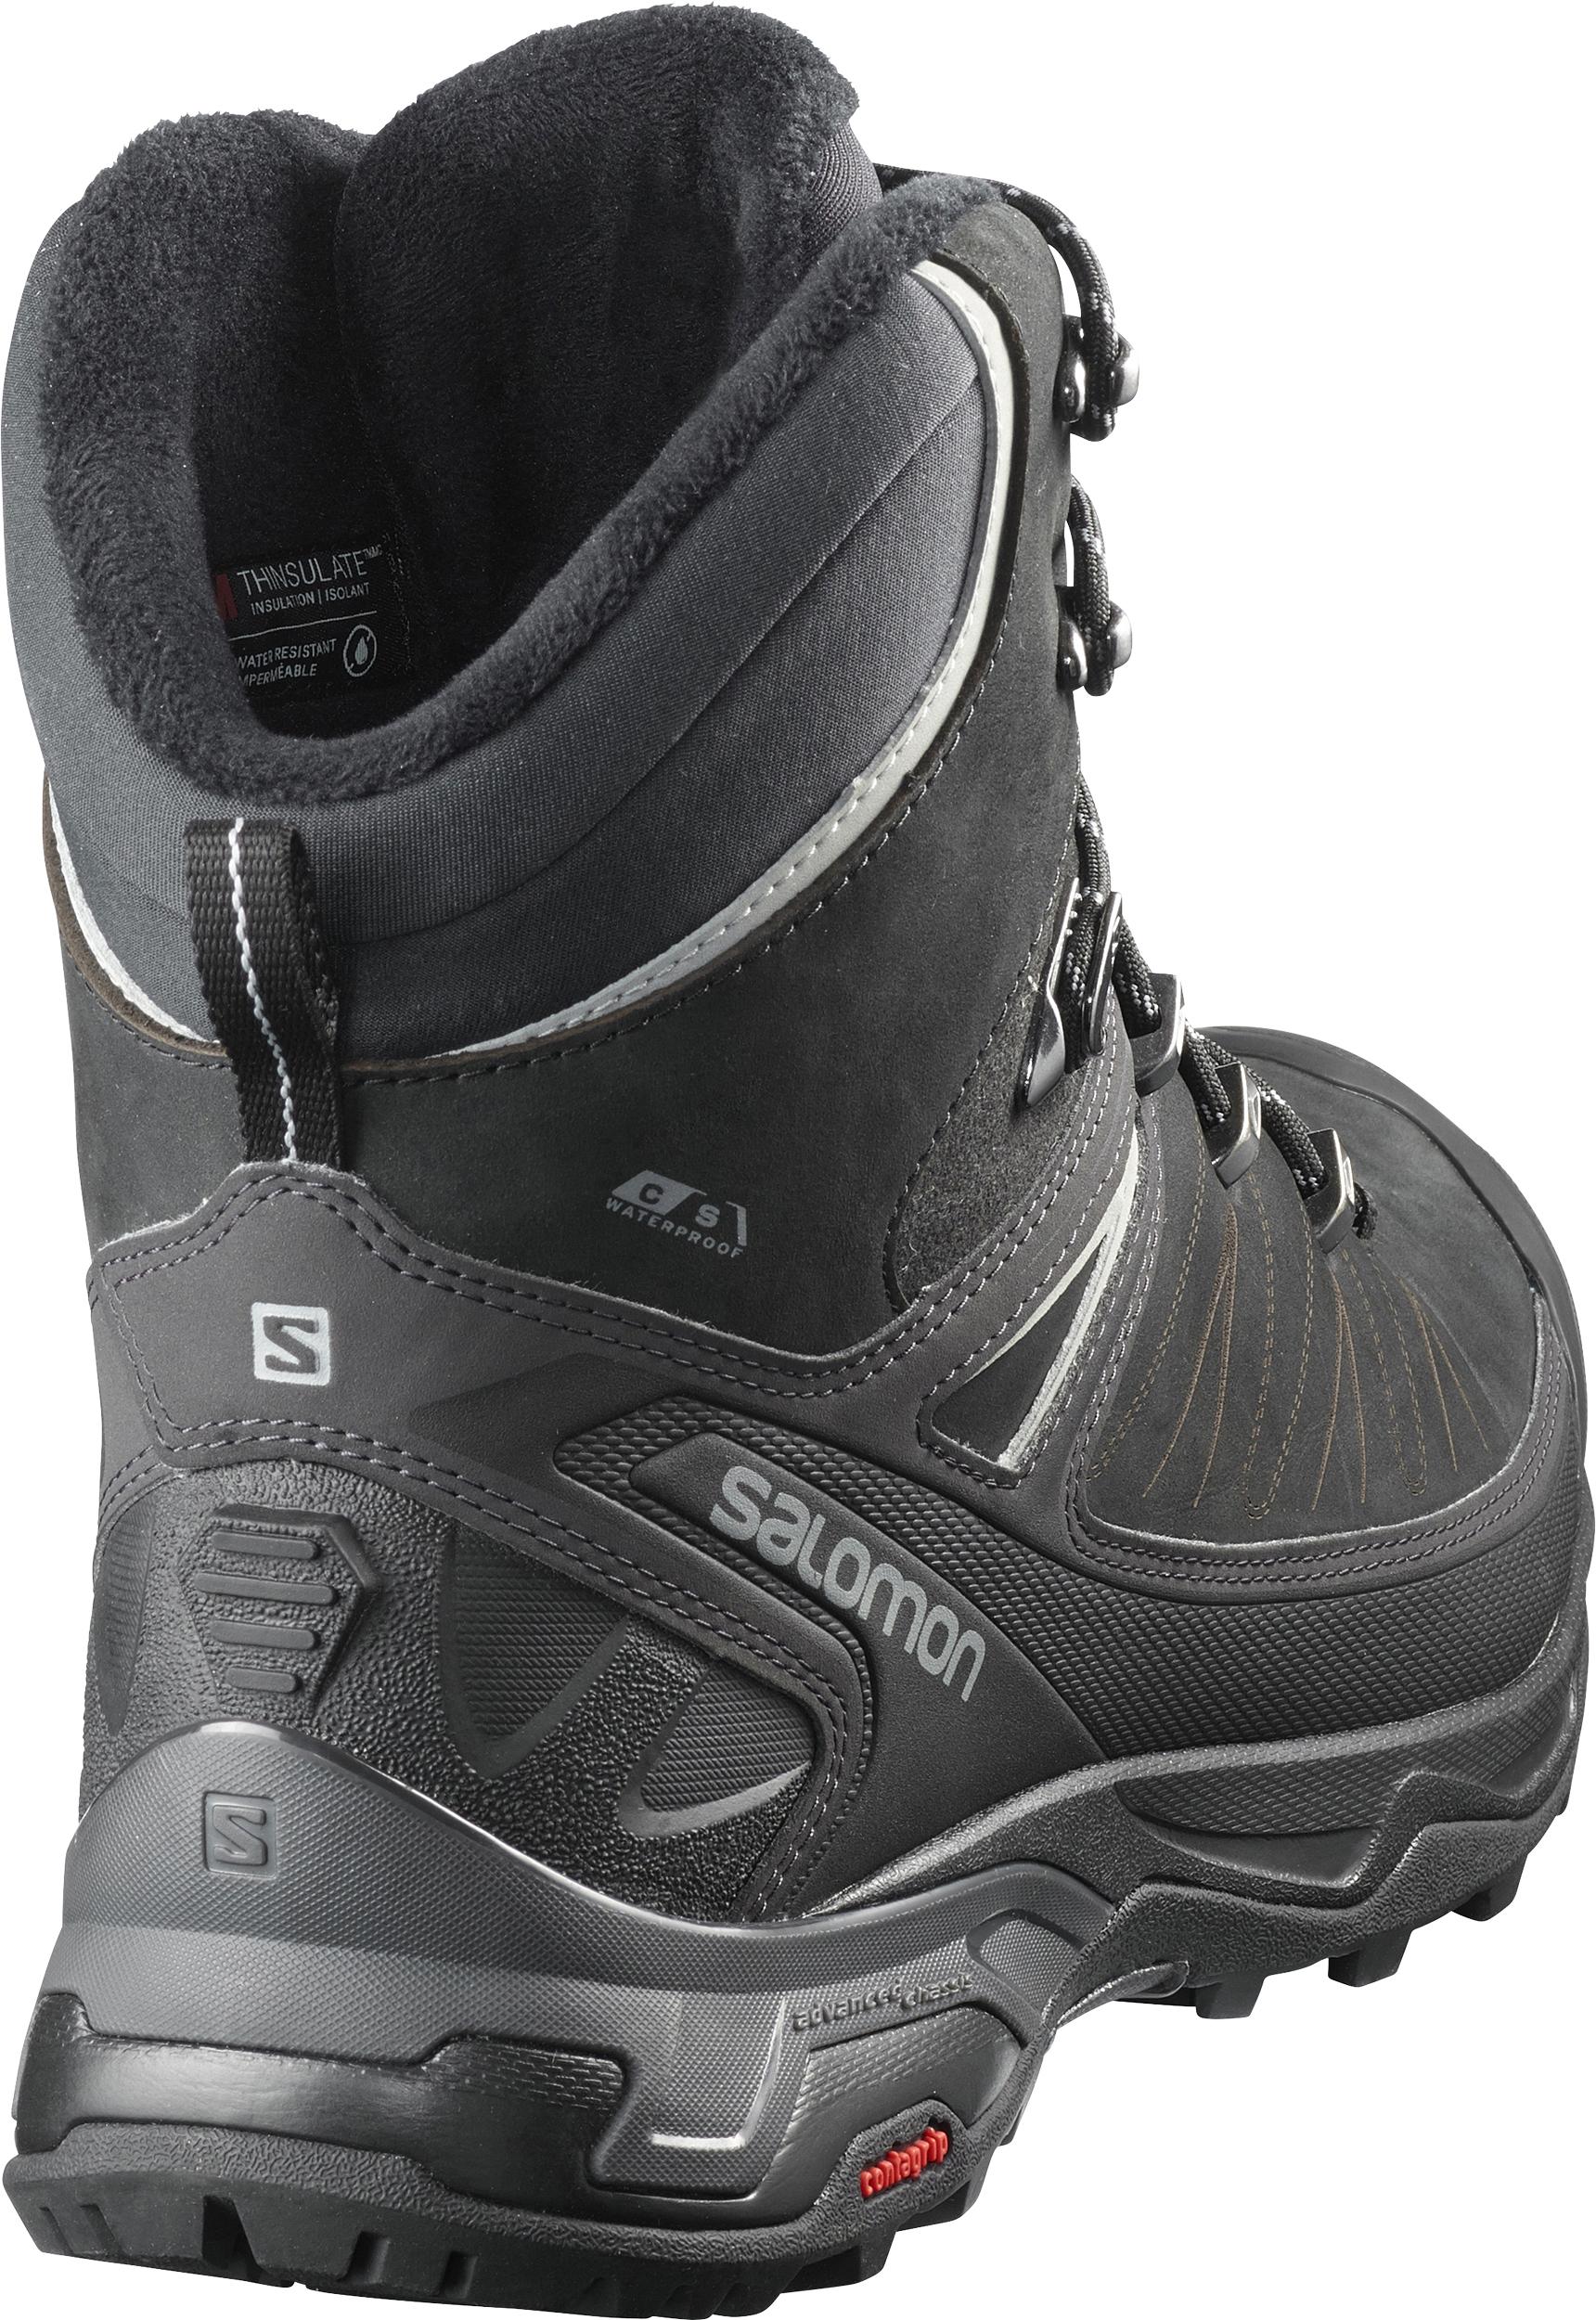 bcf134c5c317 Salomon X Ultra 2 CS Waterproof Winter Boots - Men s